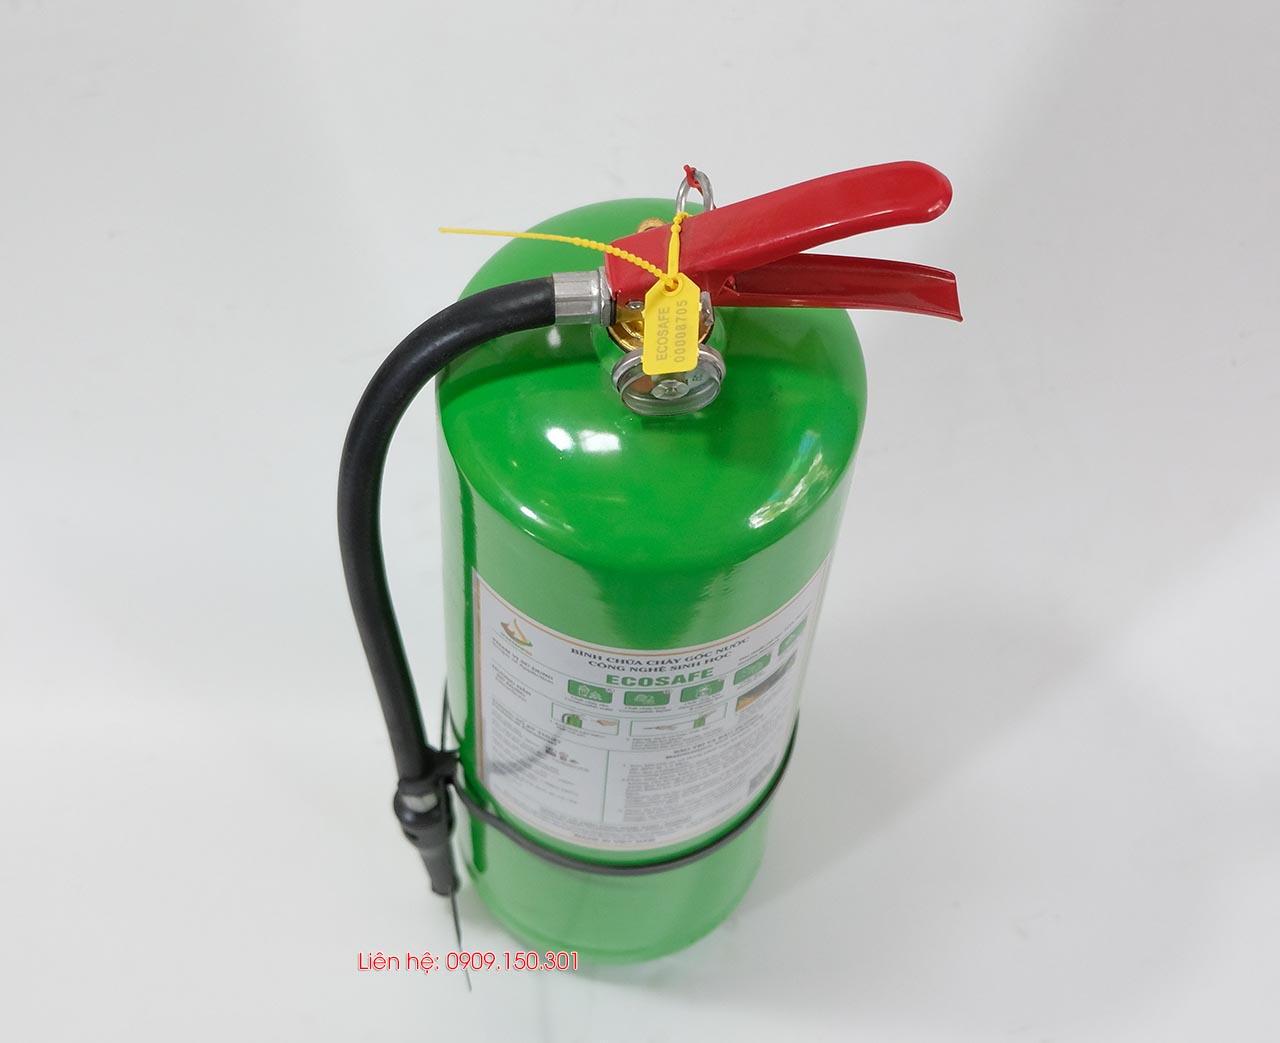 bình chữa cháy Việt Nam 6 lít